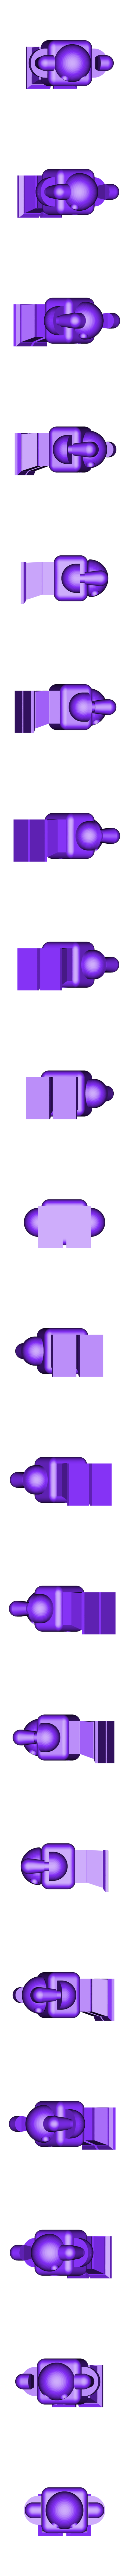 MAKE_Robot_V6.stl Download free STL file Maker Faire Robot • 3D print design, MAKE